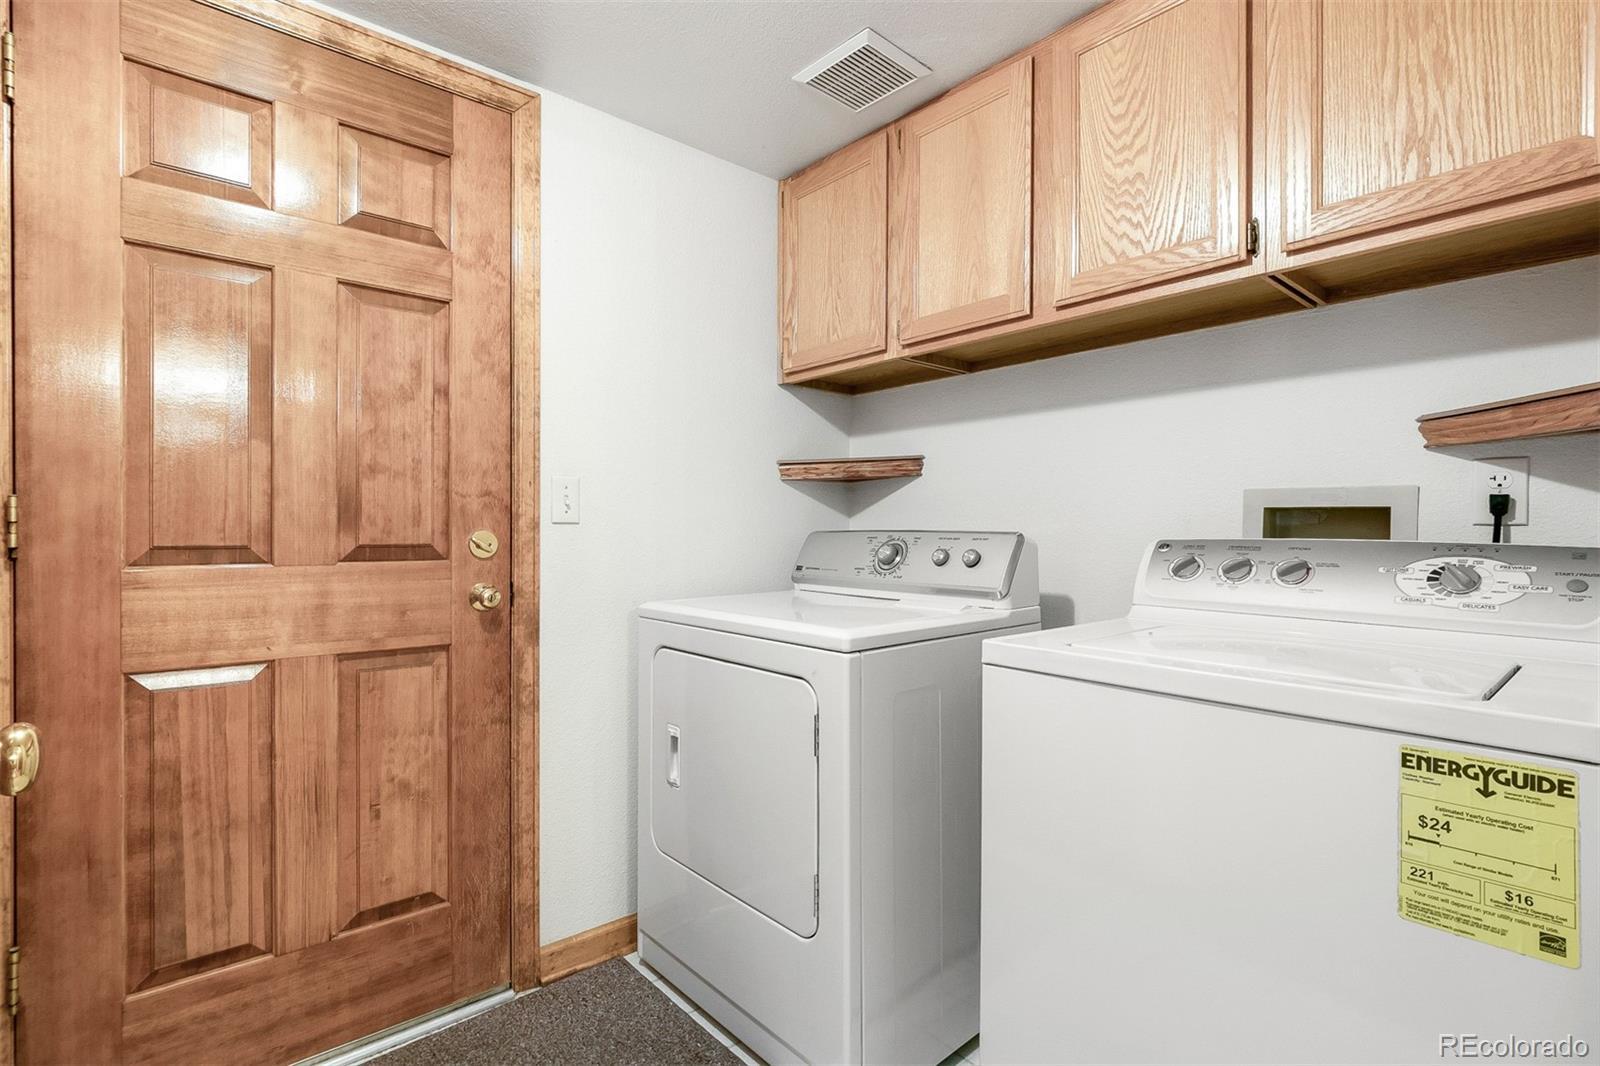 MLS# 8812491 - 1 - 6494  S Forest Street, Centennial, CO 80121